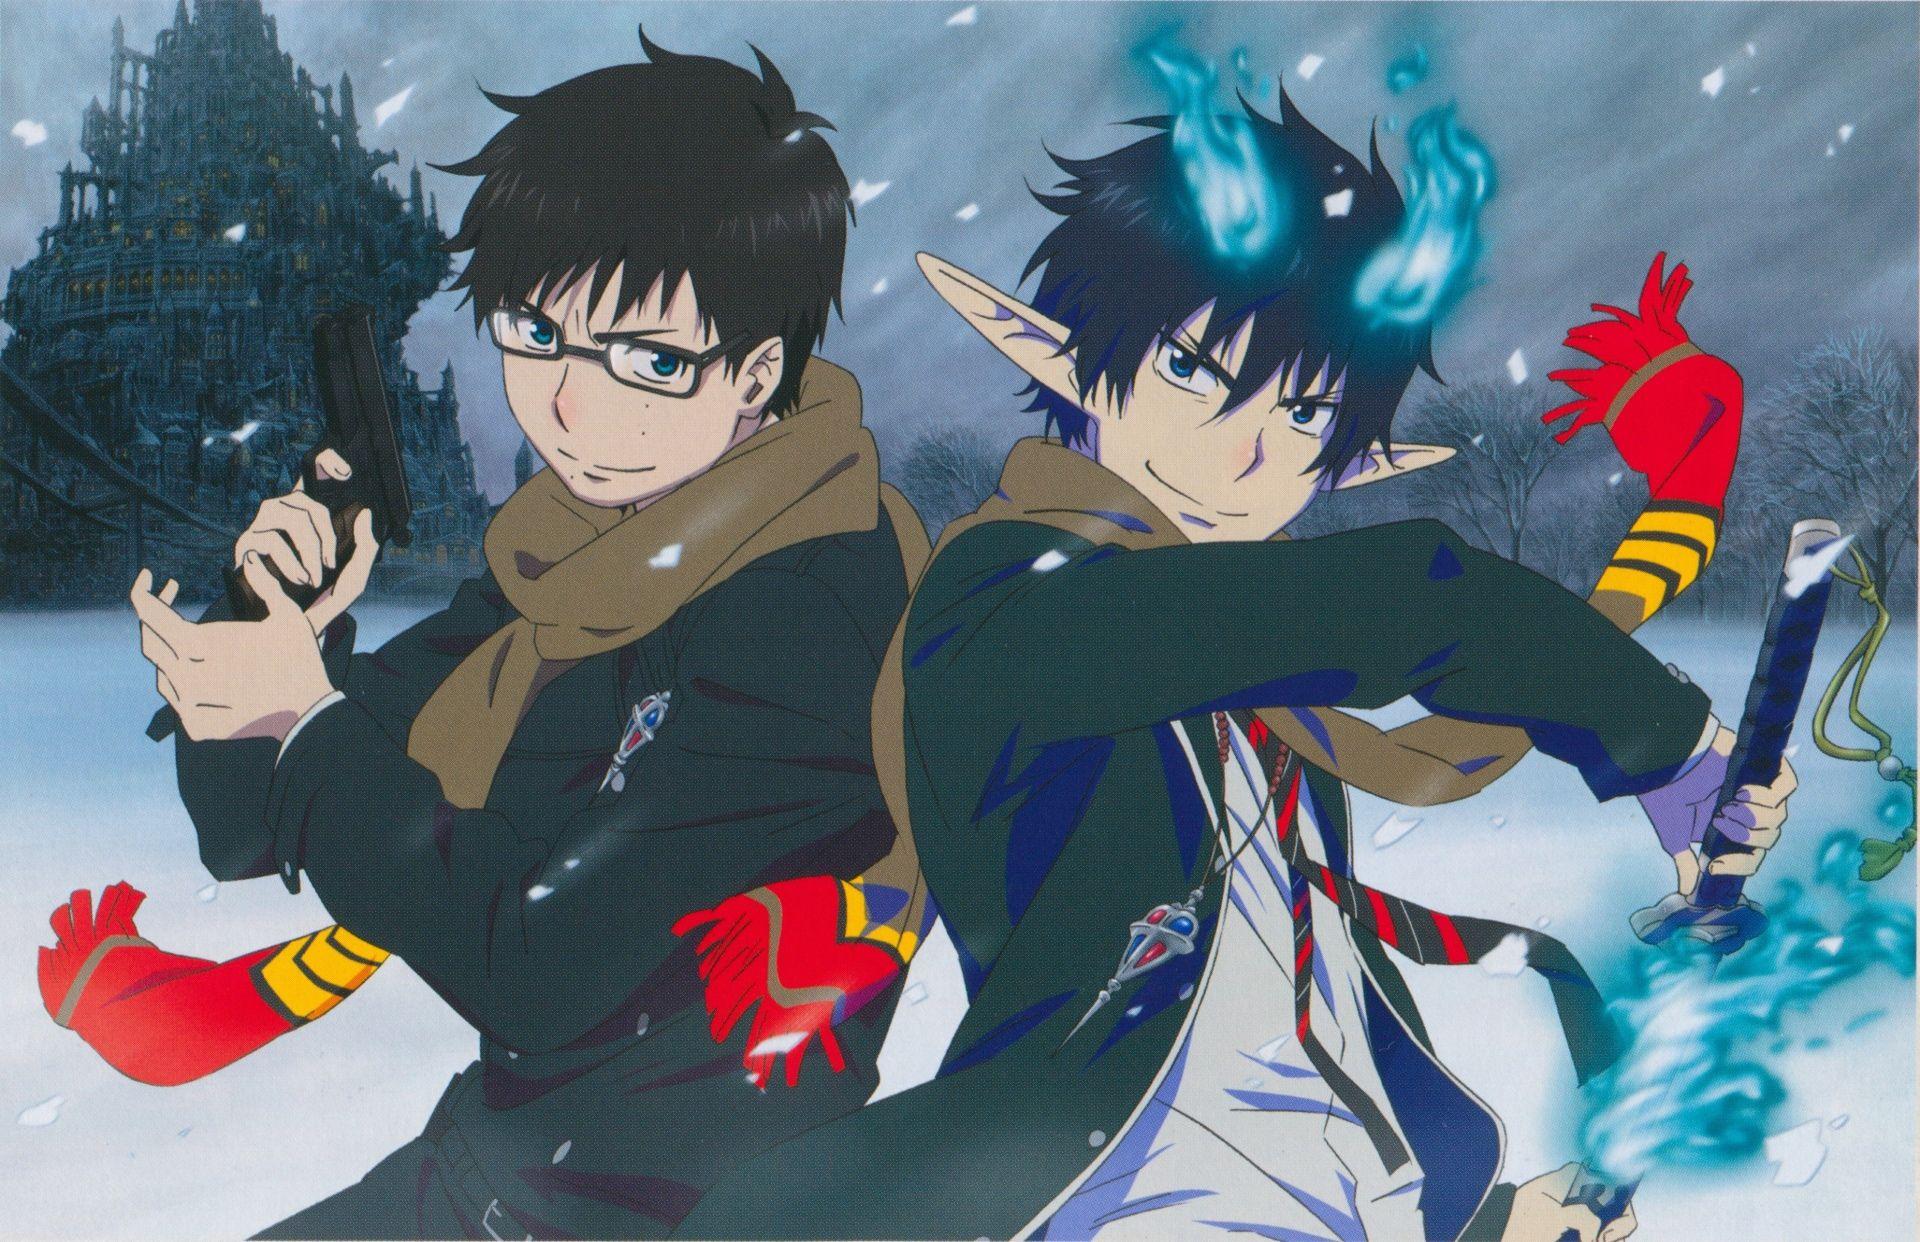 Anime Blue Exorcist Wallpaper Blue Exorcist Anime Blue Exorcist Blue Exorcist Rin